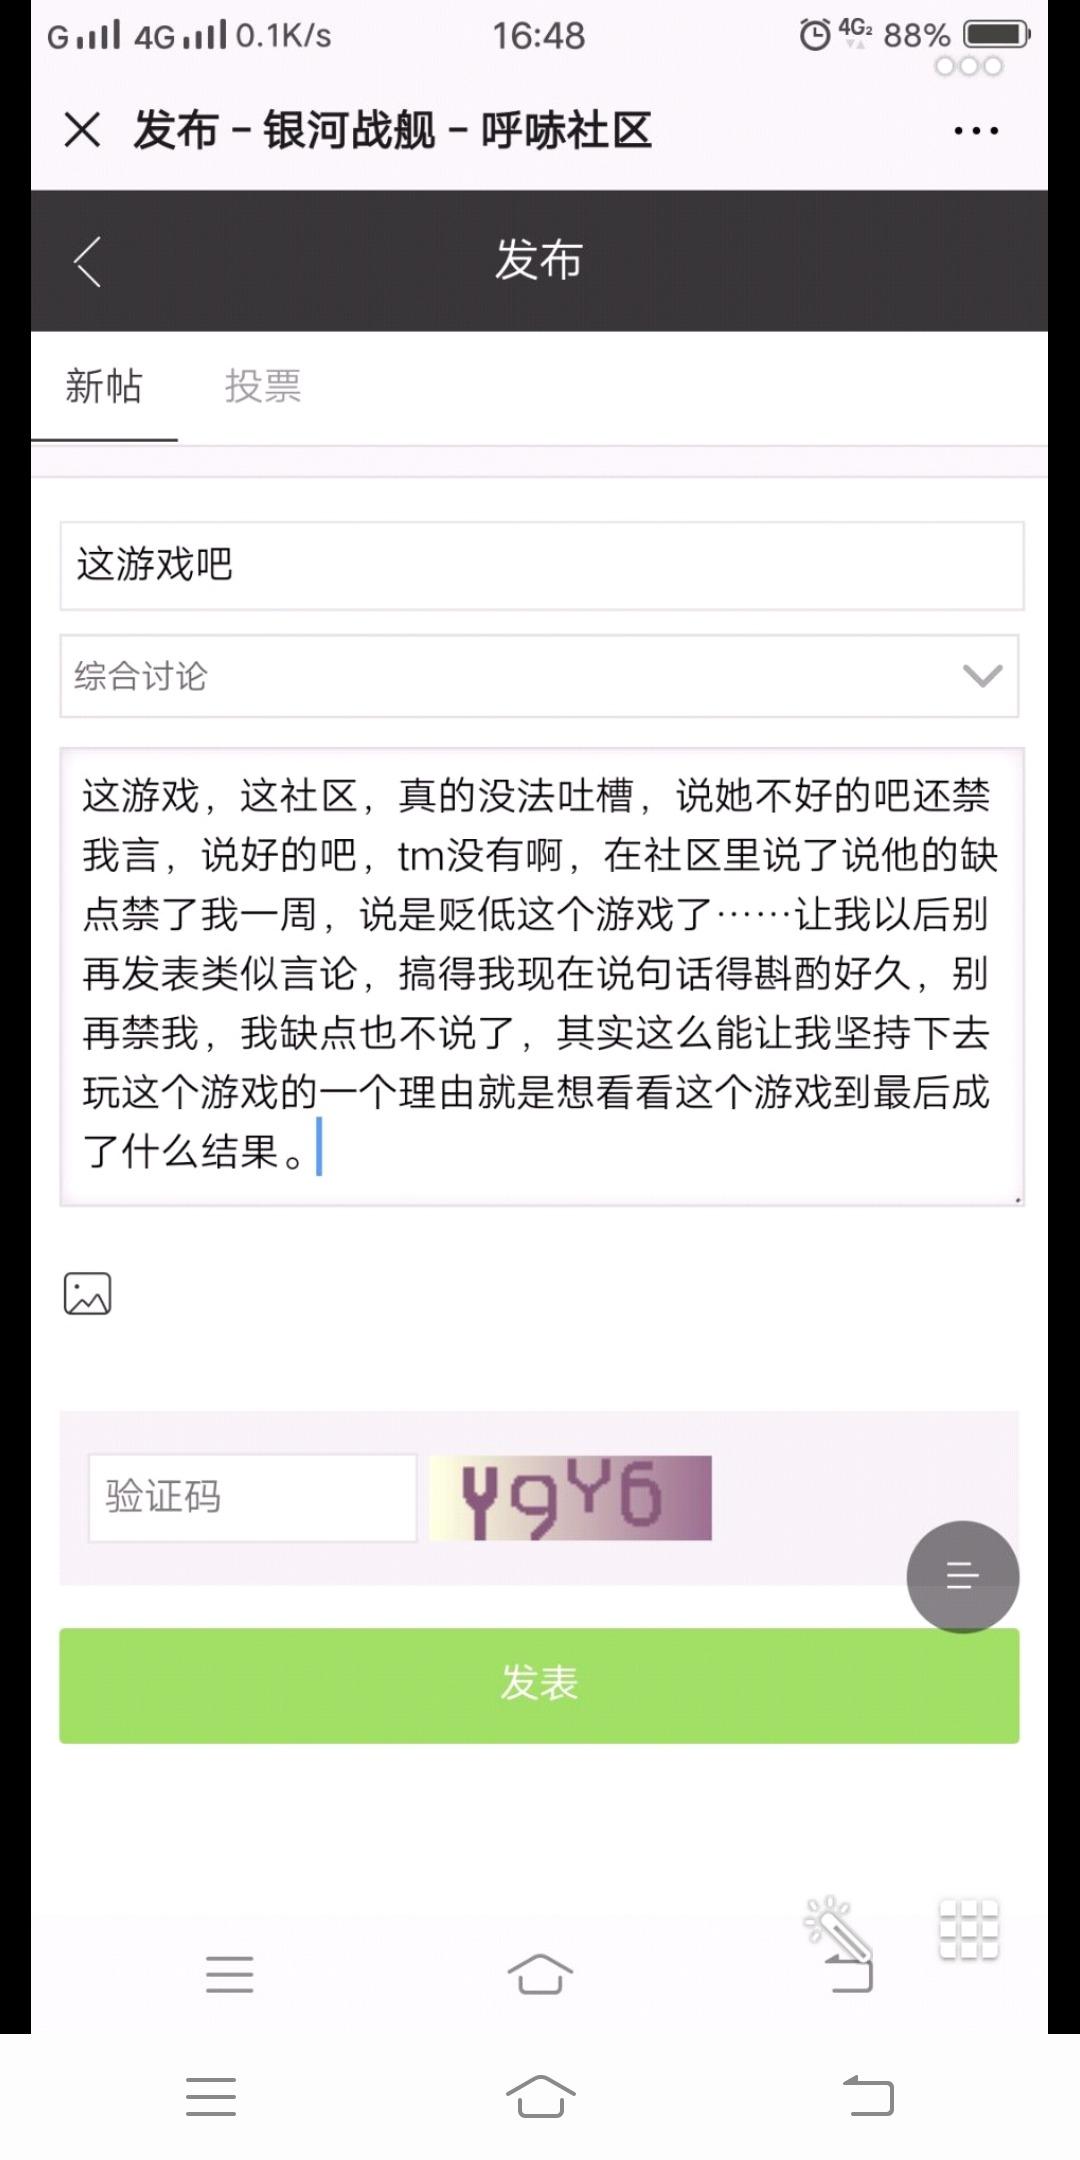 Screenshot_20190926_172413.jpg